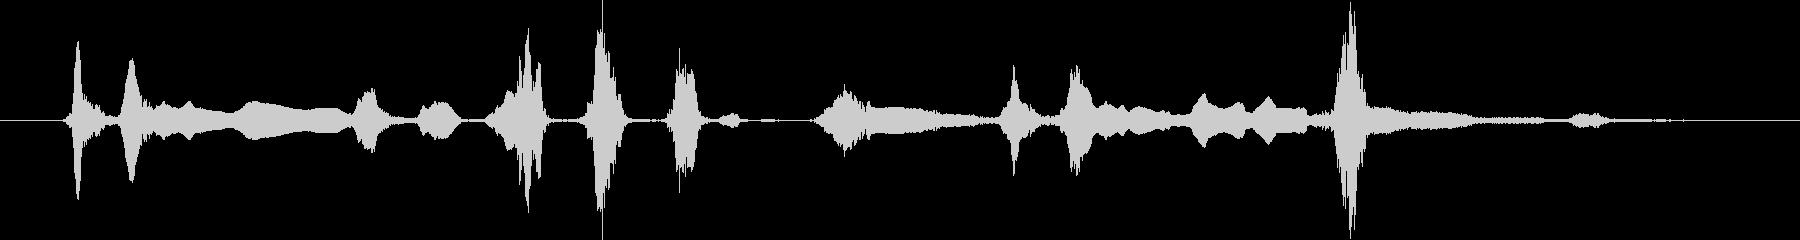 3つのハスキー:ショートバーキング...の未再生の波形